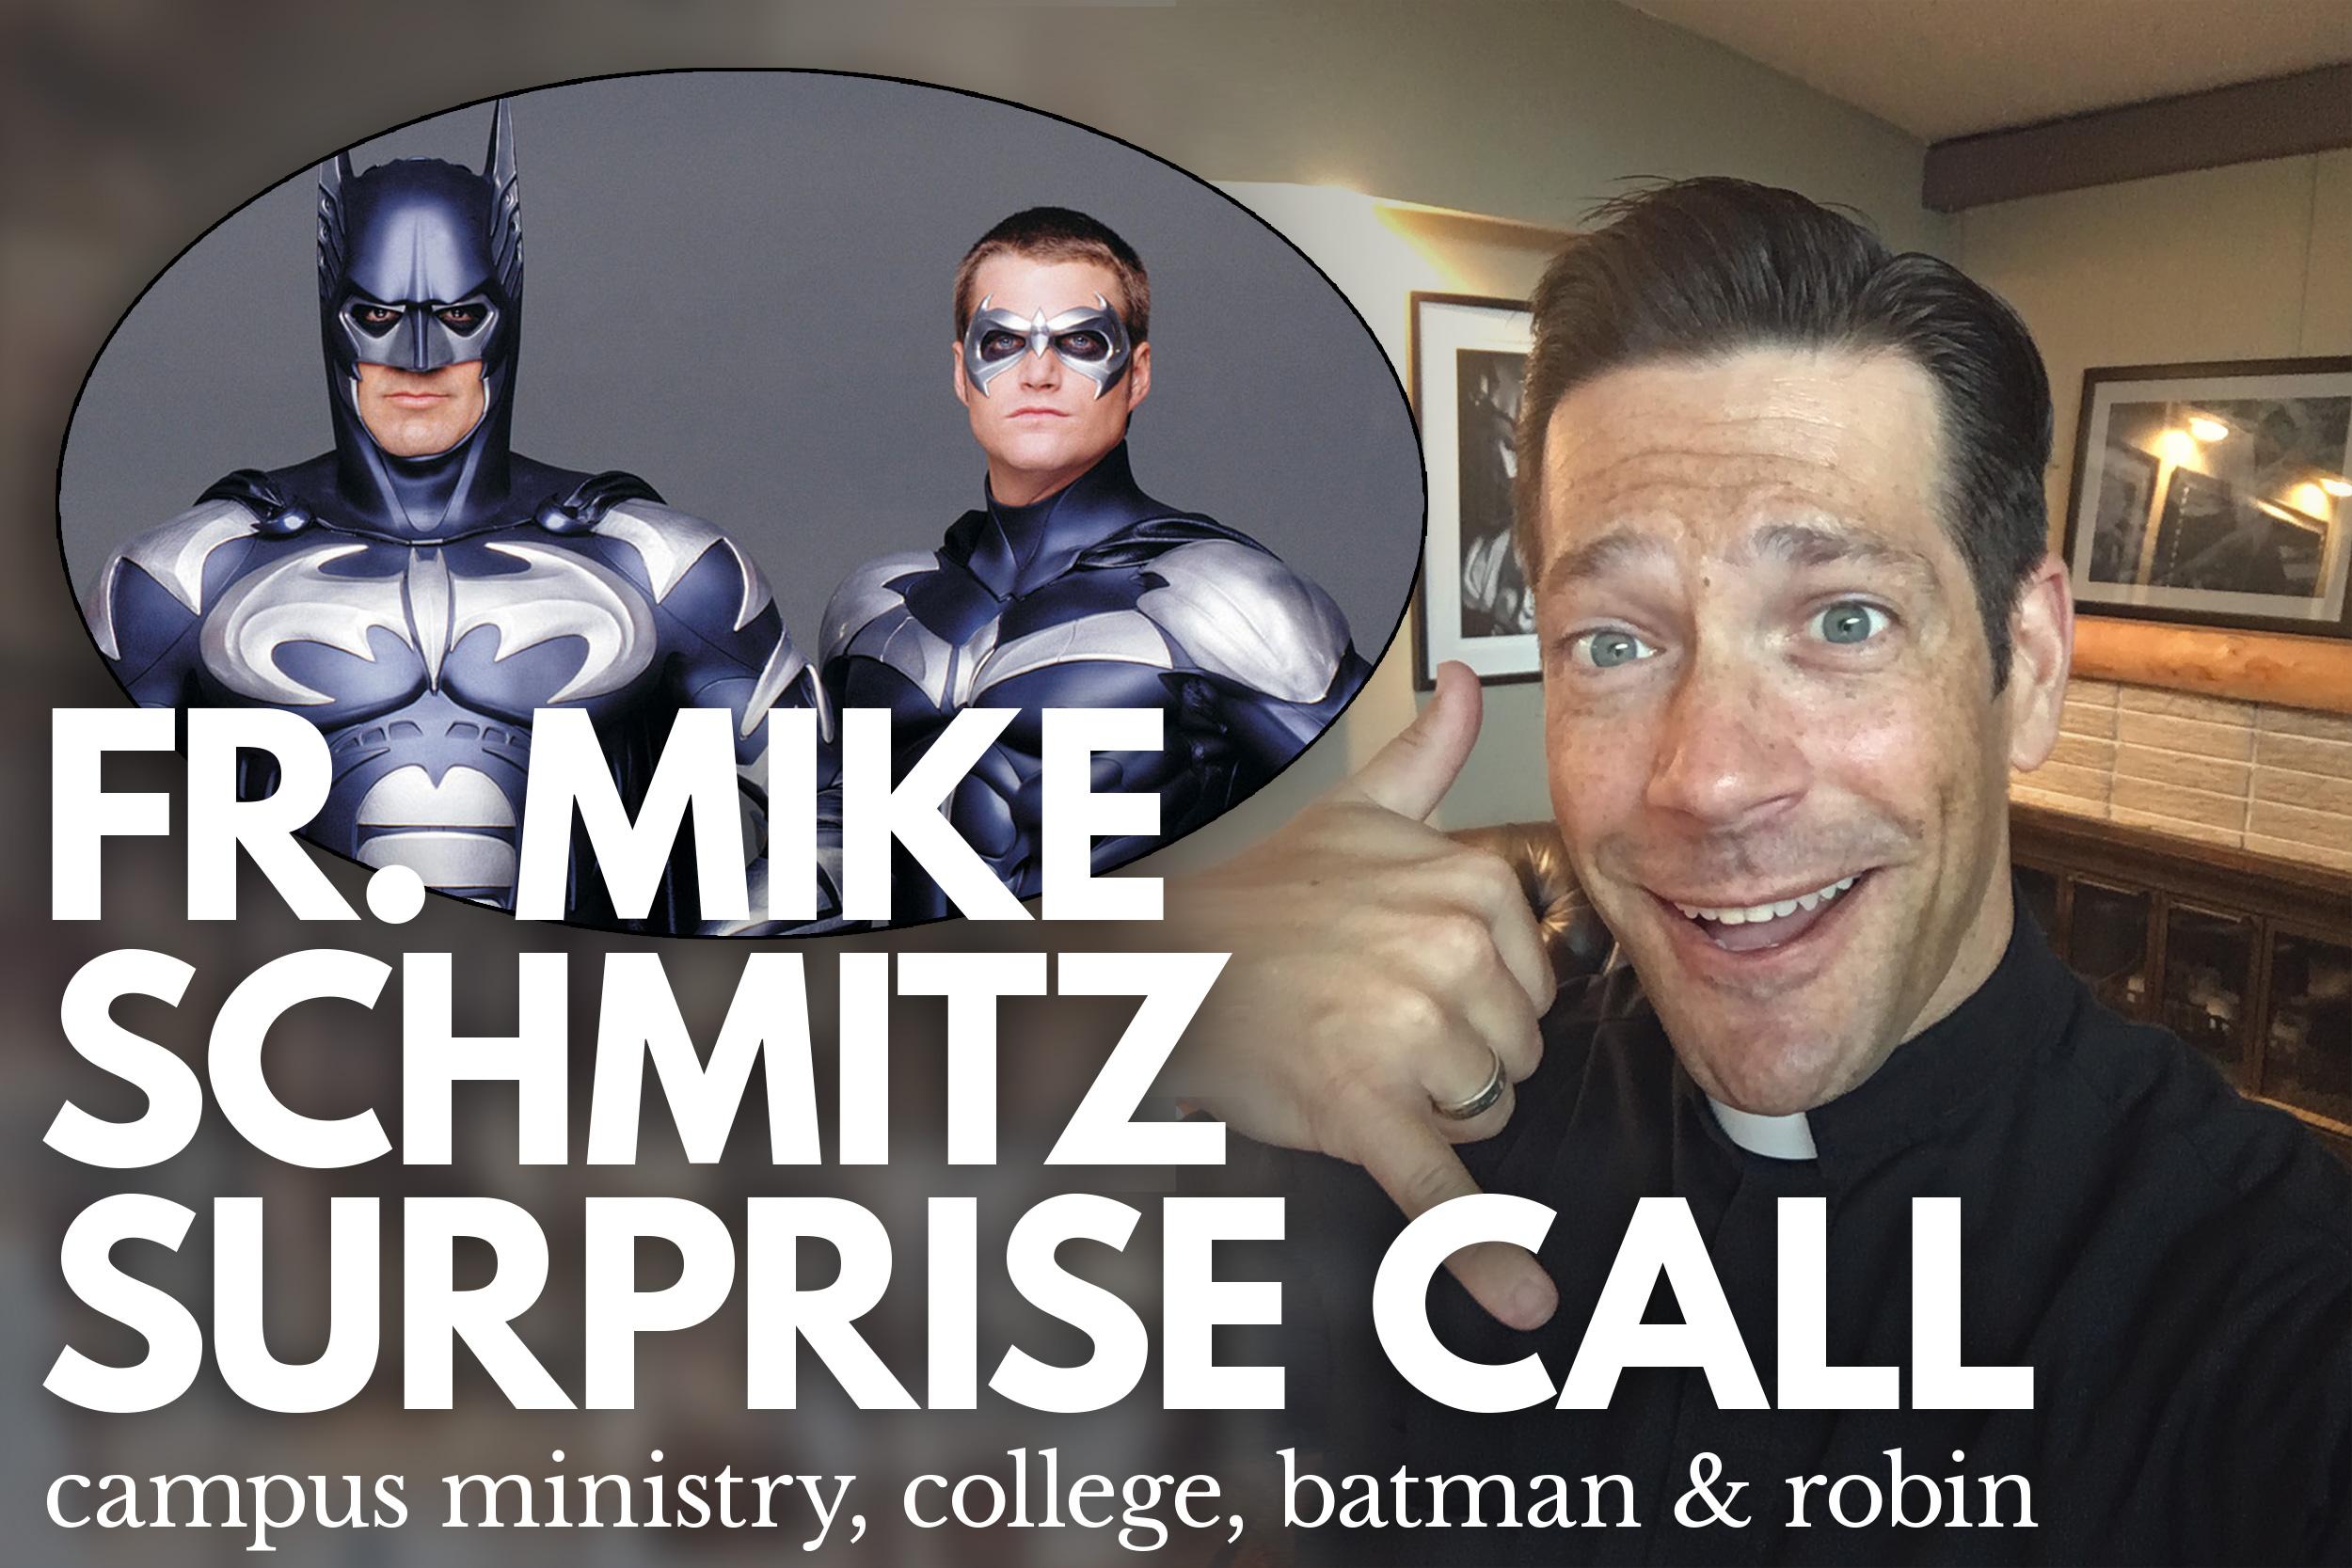 Fr Mike Schmitz